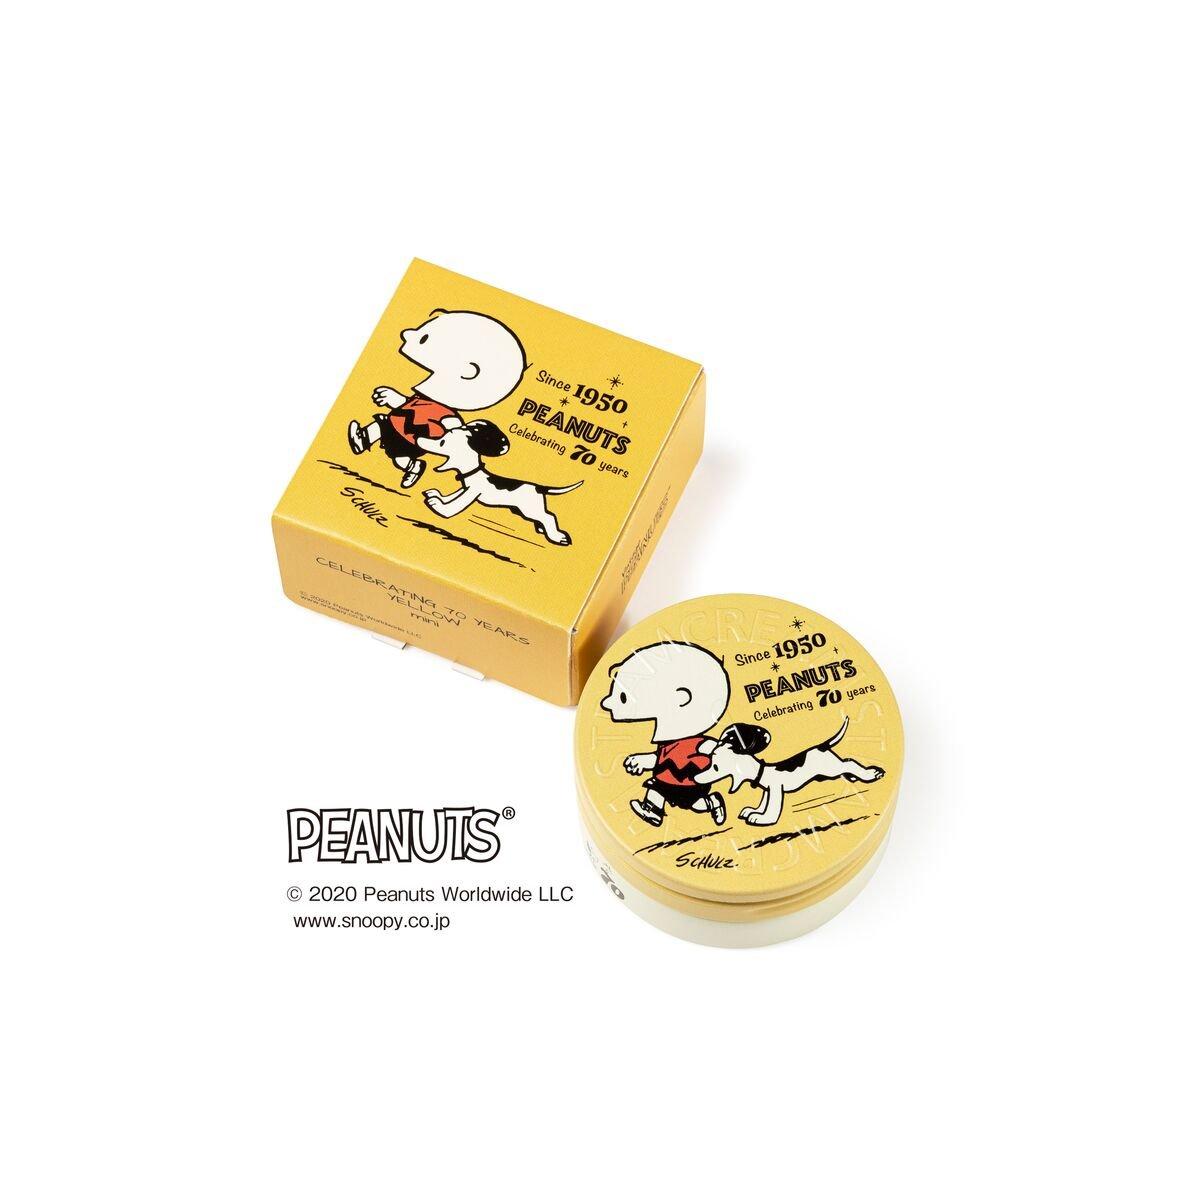 スチームクリーム×ピーナッツ「STEAMCREAM Peanuts design mini set -70 years anniversary-」